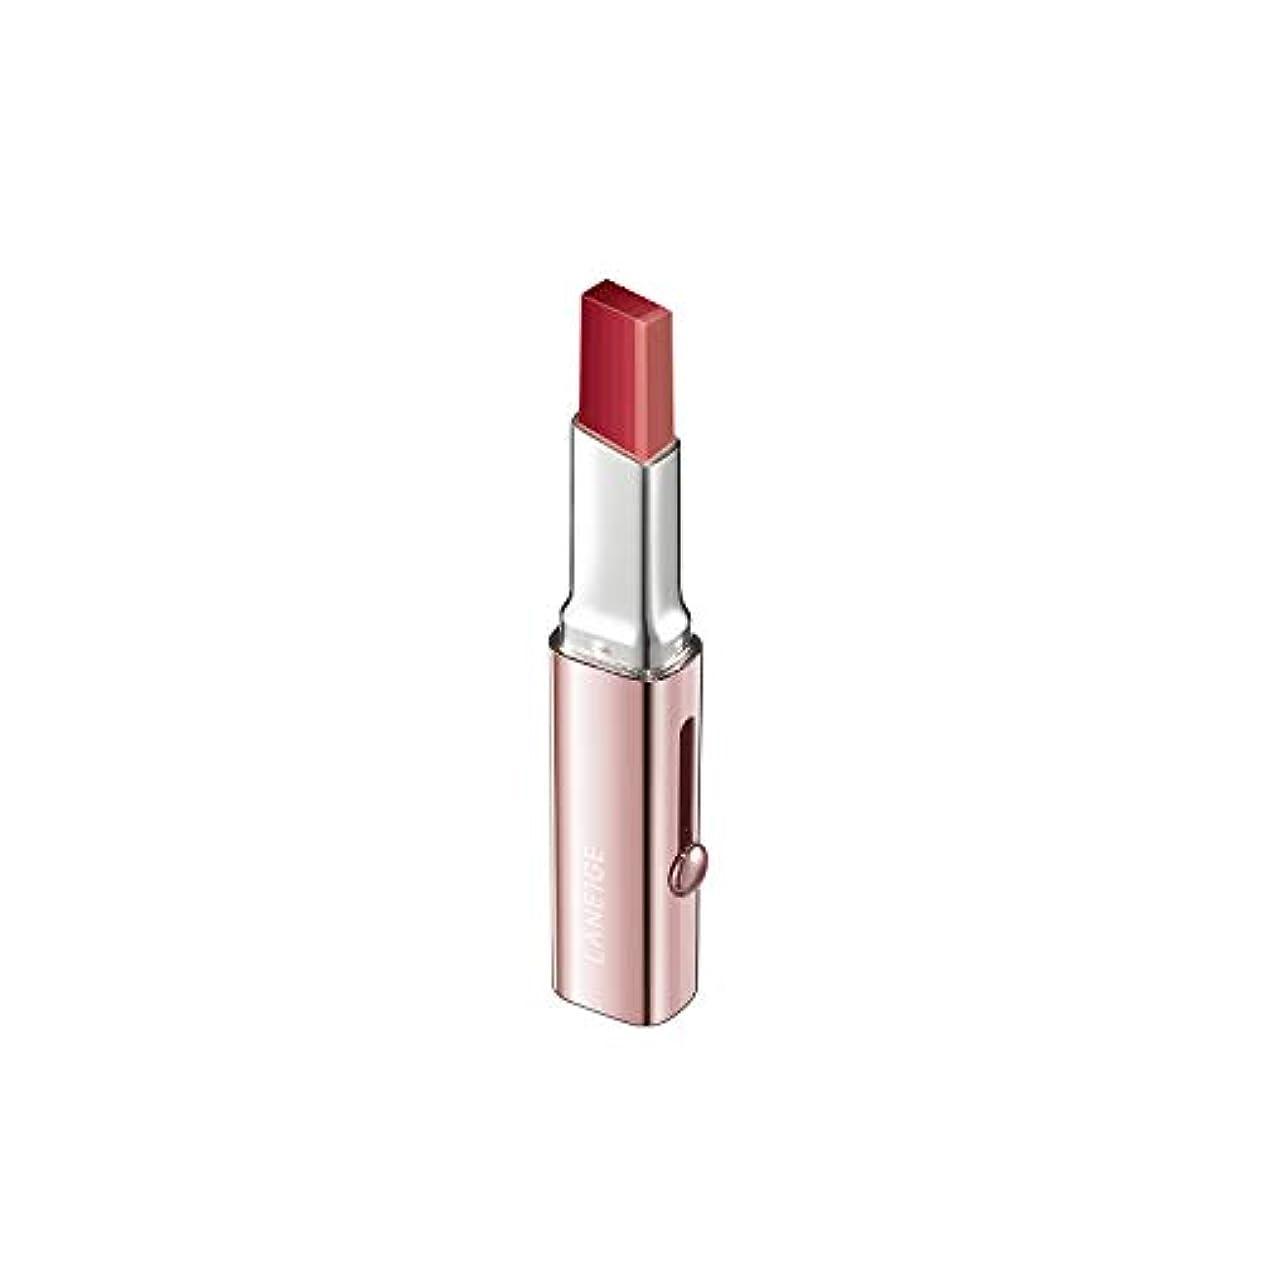 預言者中古やけど【ラネージュ】階層リップバー(1.9G)/ Layering Lip Bar-6つのカラーでのグラデーションカラー演出 (#11 MUDDY RED)